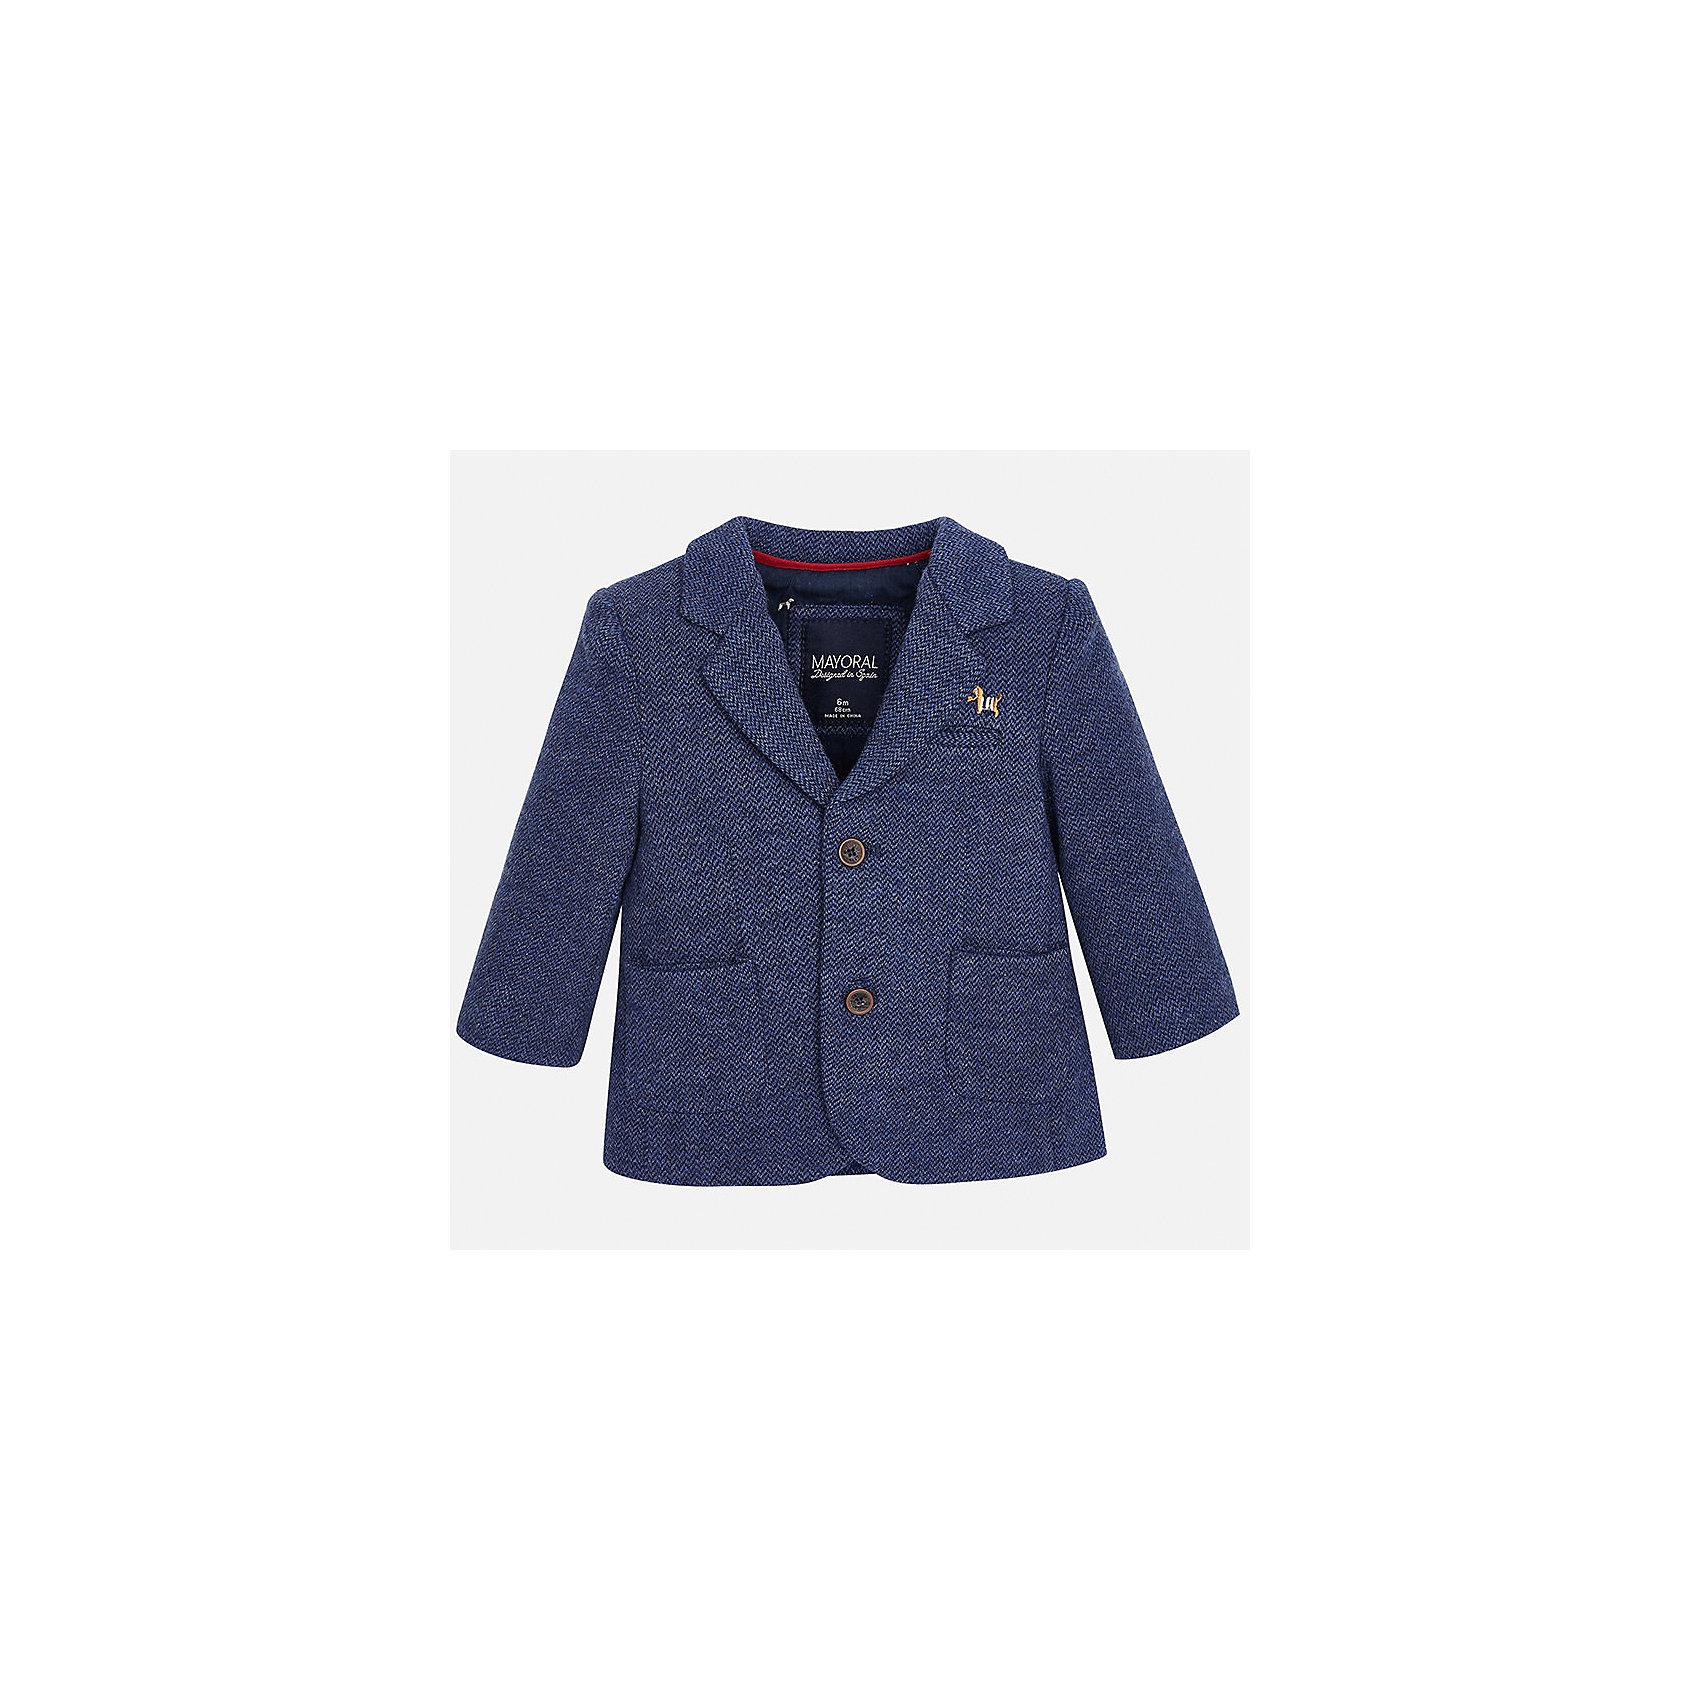 Пиджак для мальчика MayoralКостюмы и пиджаки<br>Характеристики товара:<br><br>• цвет: синий<br>• состав ткани: 53% хлопок, 35% полиэстер, 12% полиамид<br>• сезон: демисезон<br>• особенности модели: школьная<br>• длинные рукава<br>• застежка: пуговицы<br>• страна бренда: Испания<br>• страна изготовитель: Индия<br><br>Такой синий детский пиджак сшит из приятного на материала, преимущественно имеющего в составе натуральный хлопок. Пиджак для мальчика Mayoral дополнен накладными карманами. Пиджак для ребенка отличается классическим силуэтом. Детский пиджак обеспечит ребенку аккуратный внешний вид. <br><br>Пиджак для мальчика Mayoral (Майорал) можно купить в нашем интернет-магазине.<br><br>Ширина мм: 190<br>Глубина мм: 74<br>Высота мм: 229<br>Вес г: 236<br>Цвет: синий<br>Возраст от месяцев: 12<br>Возраст до месяцев: 18<br>Пол: Мужской<br>Возраст: Детский<br>Размер: 86,92,98,80<br>SKU: 6935240